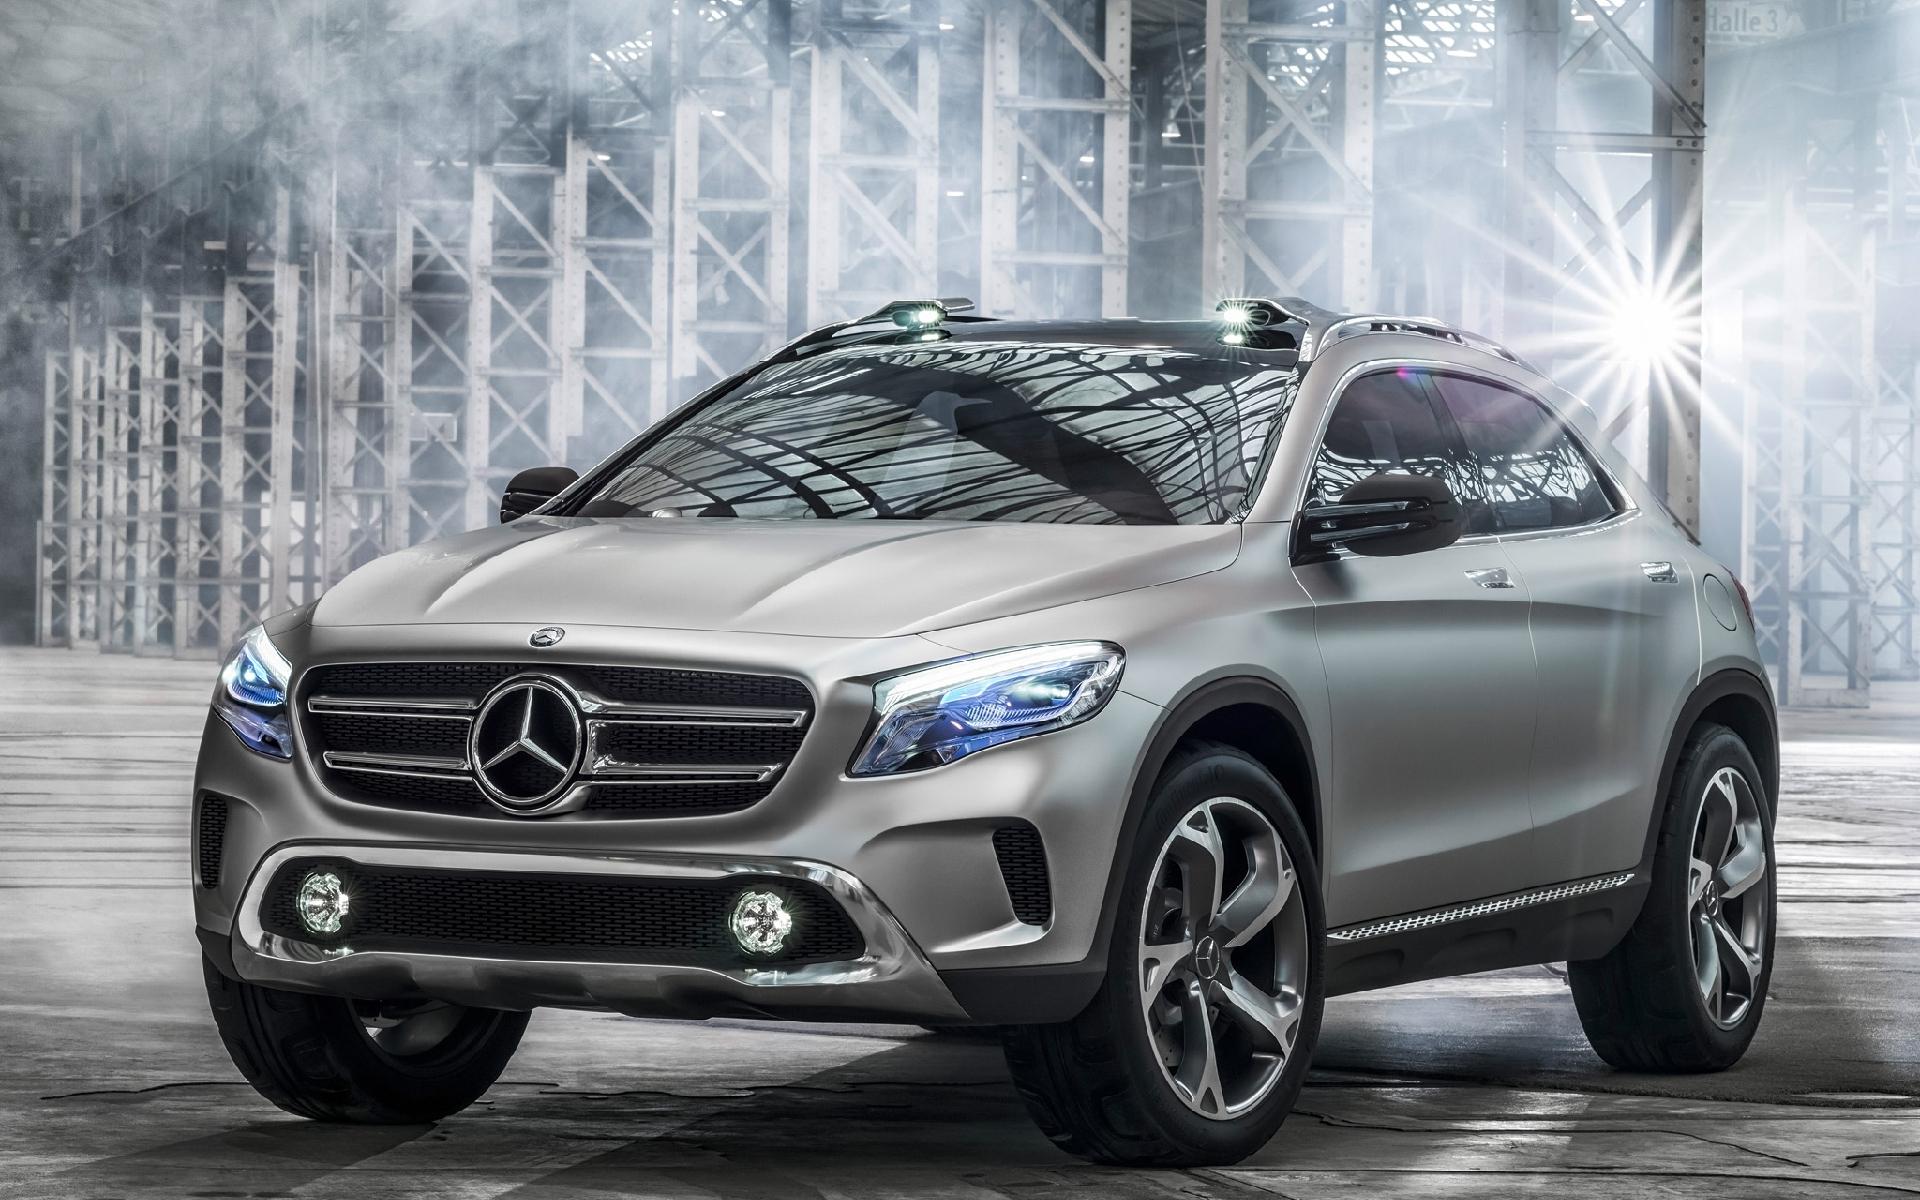 41107 скачать обои Транспорт, Машины, Мерседес (Mercedes) - заставки и картинки бесплатно